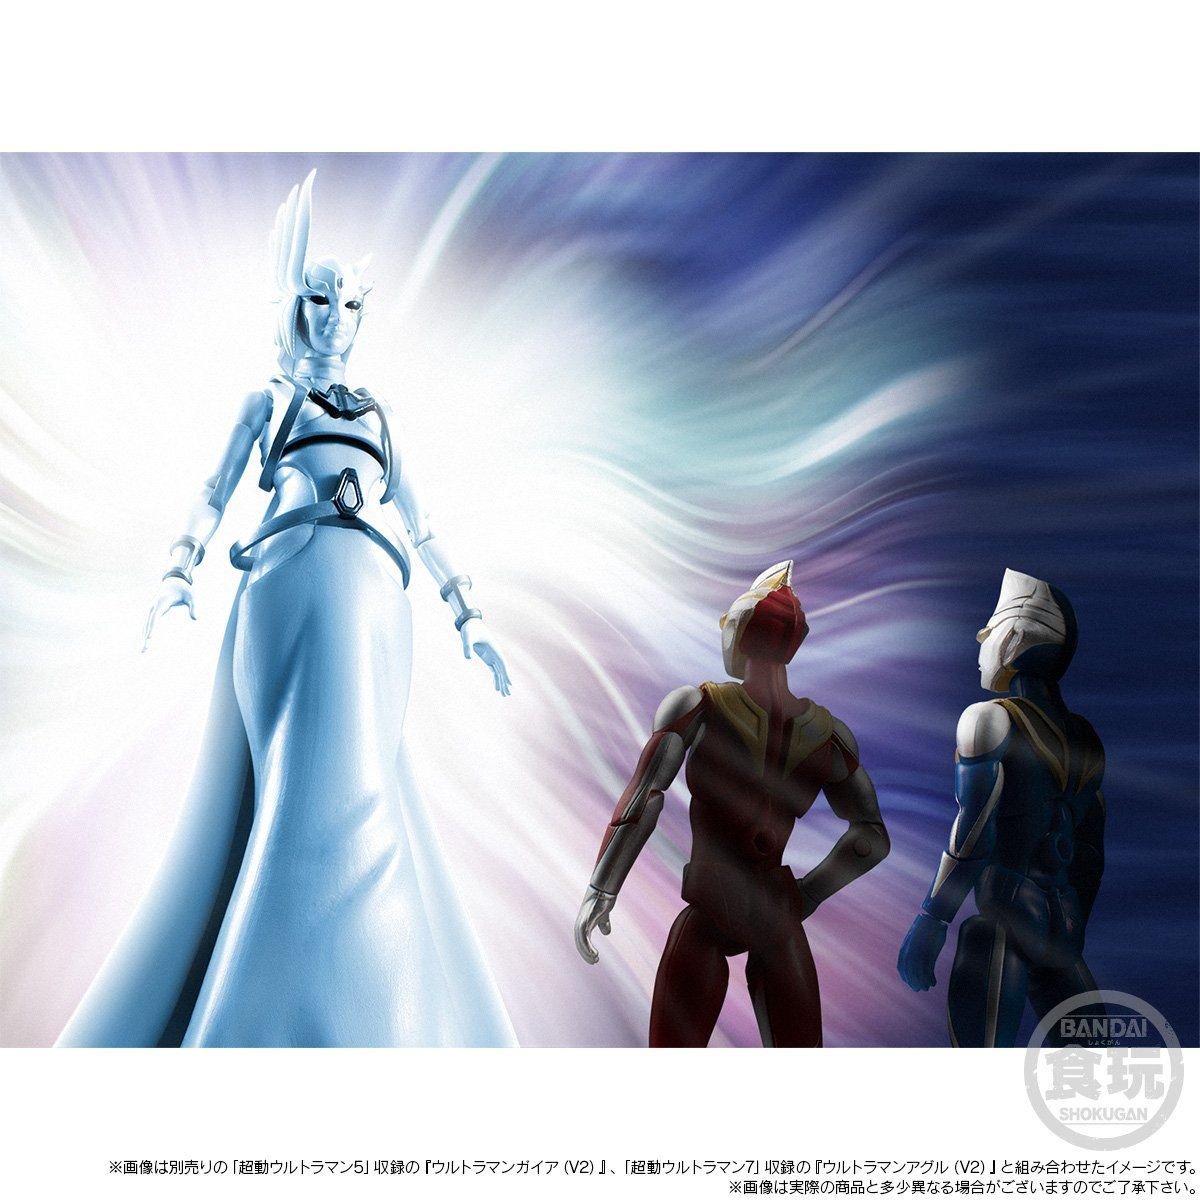 超動ウルトラマン ウルトラマンガイア -天使降臨-【プレミアムバンダイ限定】_7